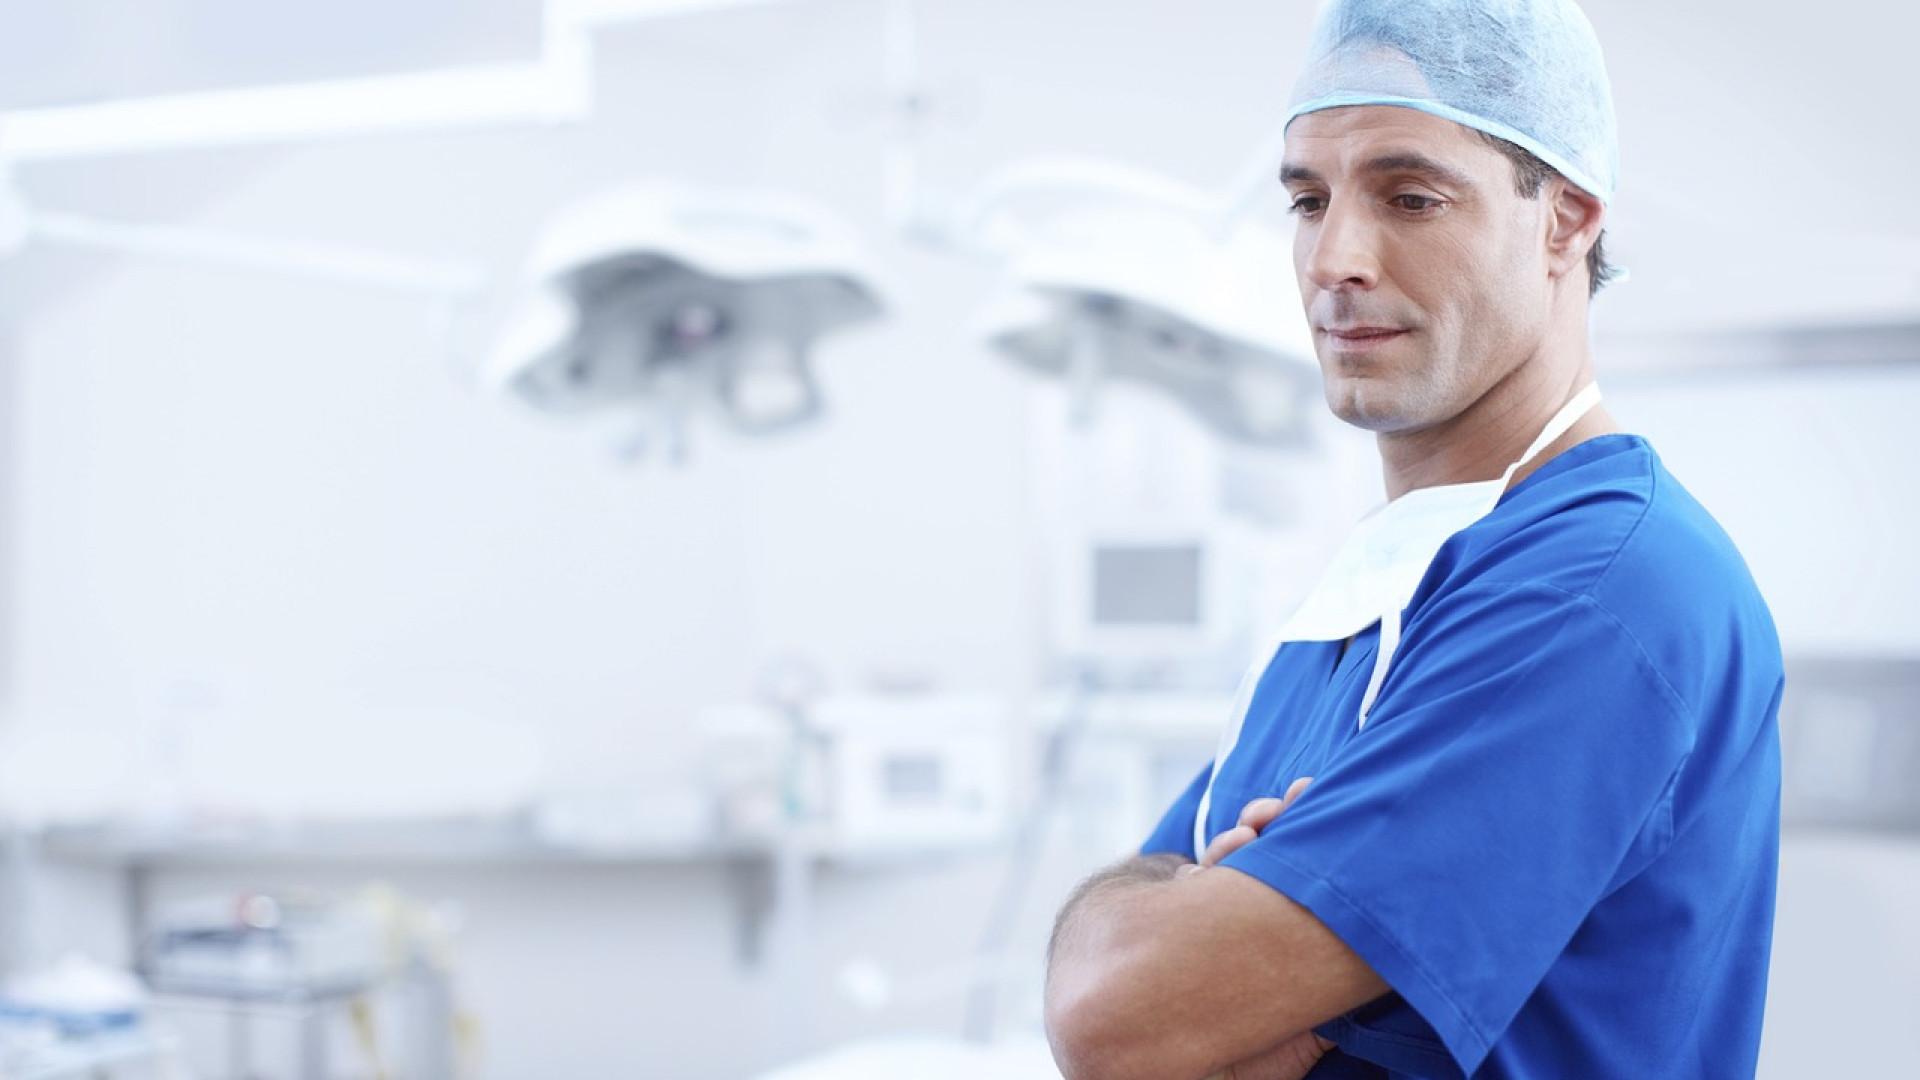 Médecin de garde : un numéro d'urgence qui fonctionne 24H/24 et 7J/7 !